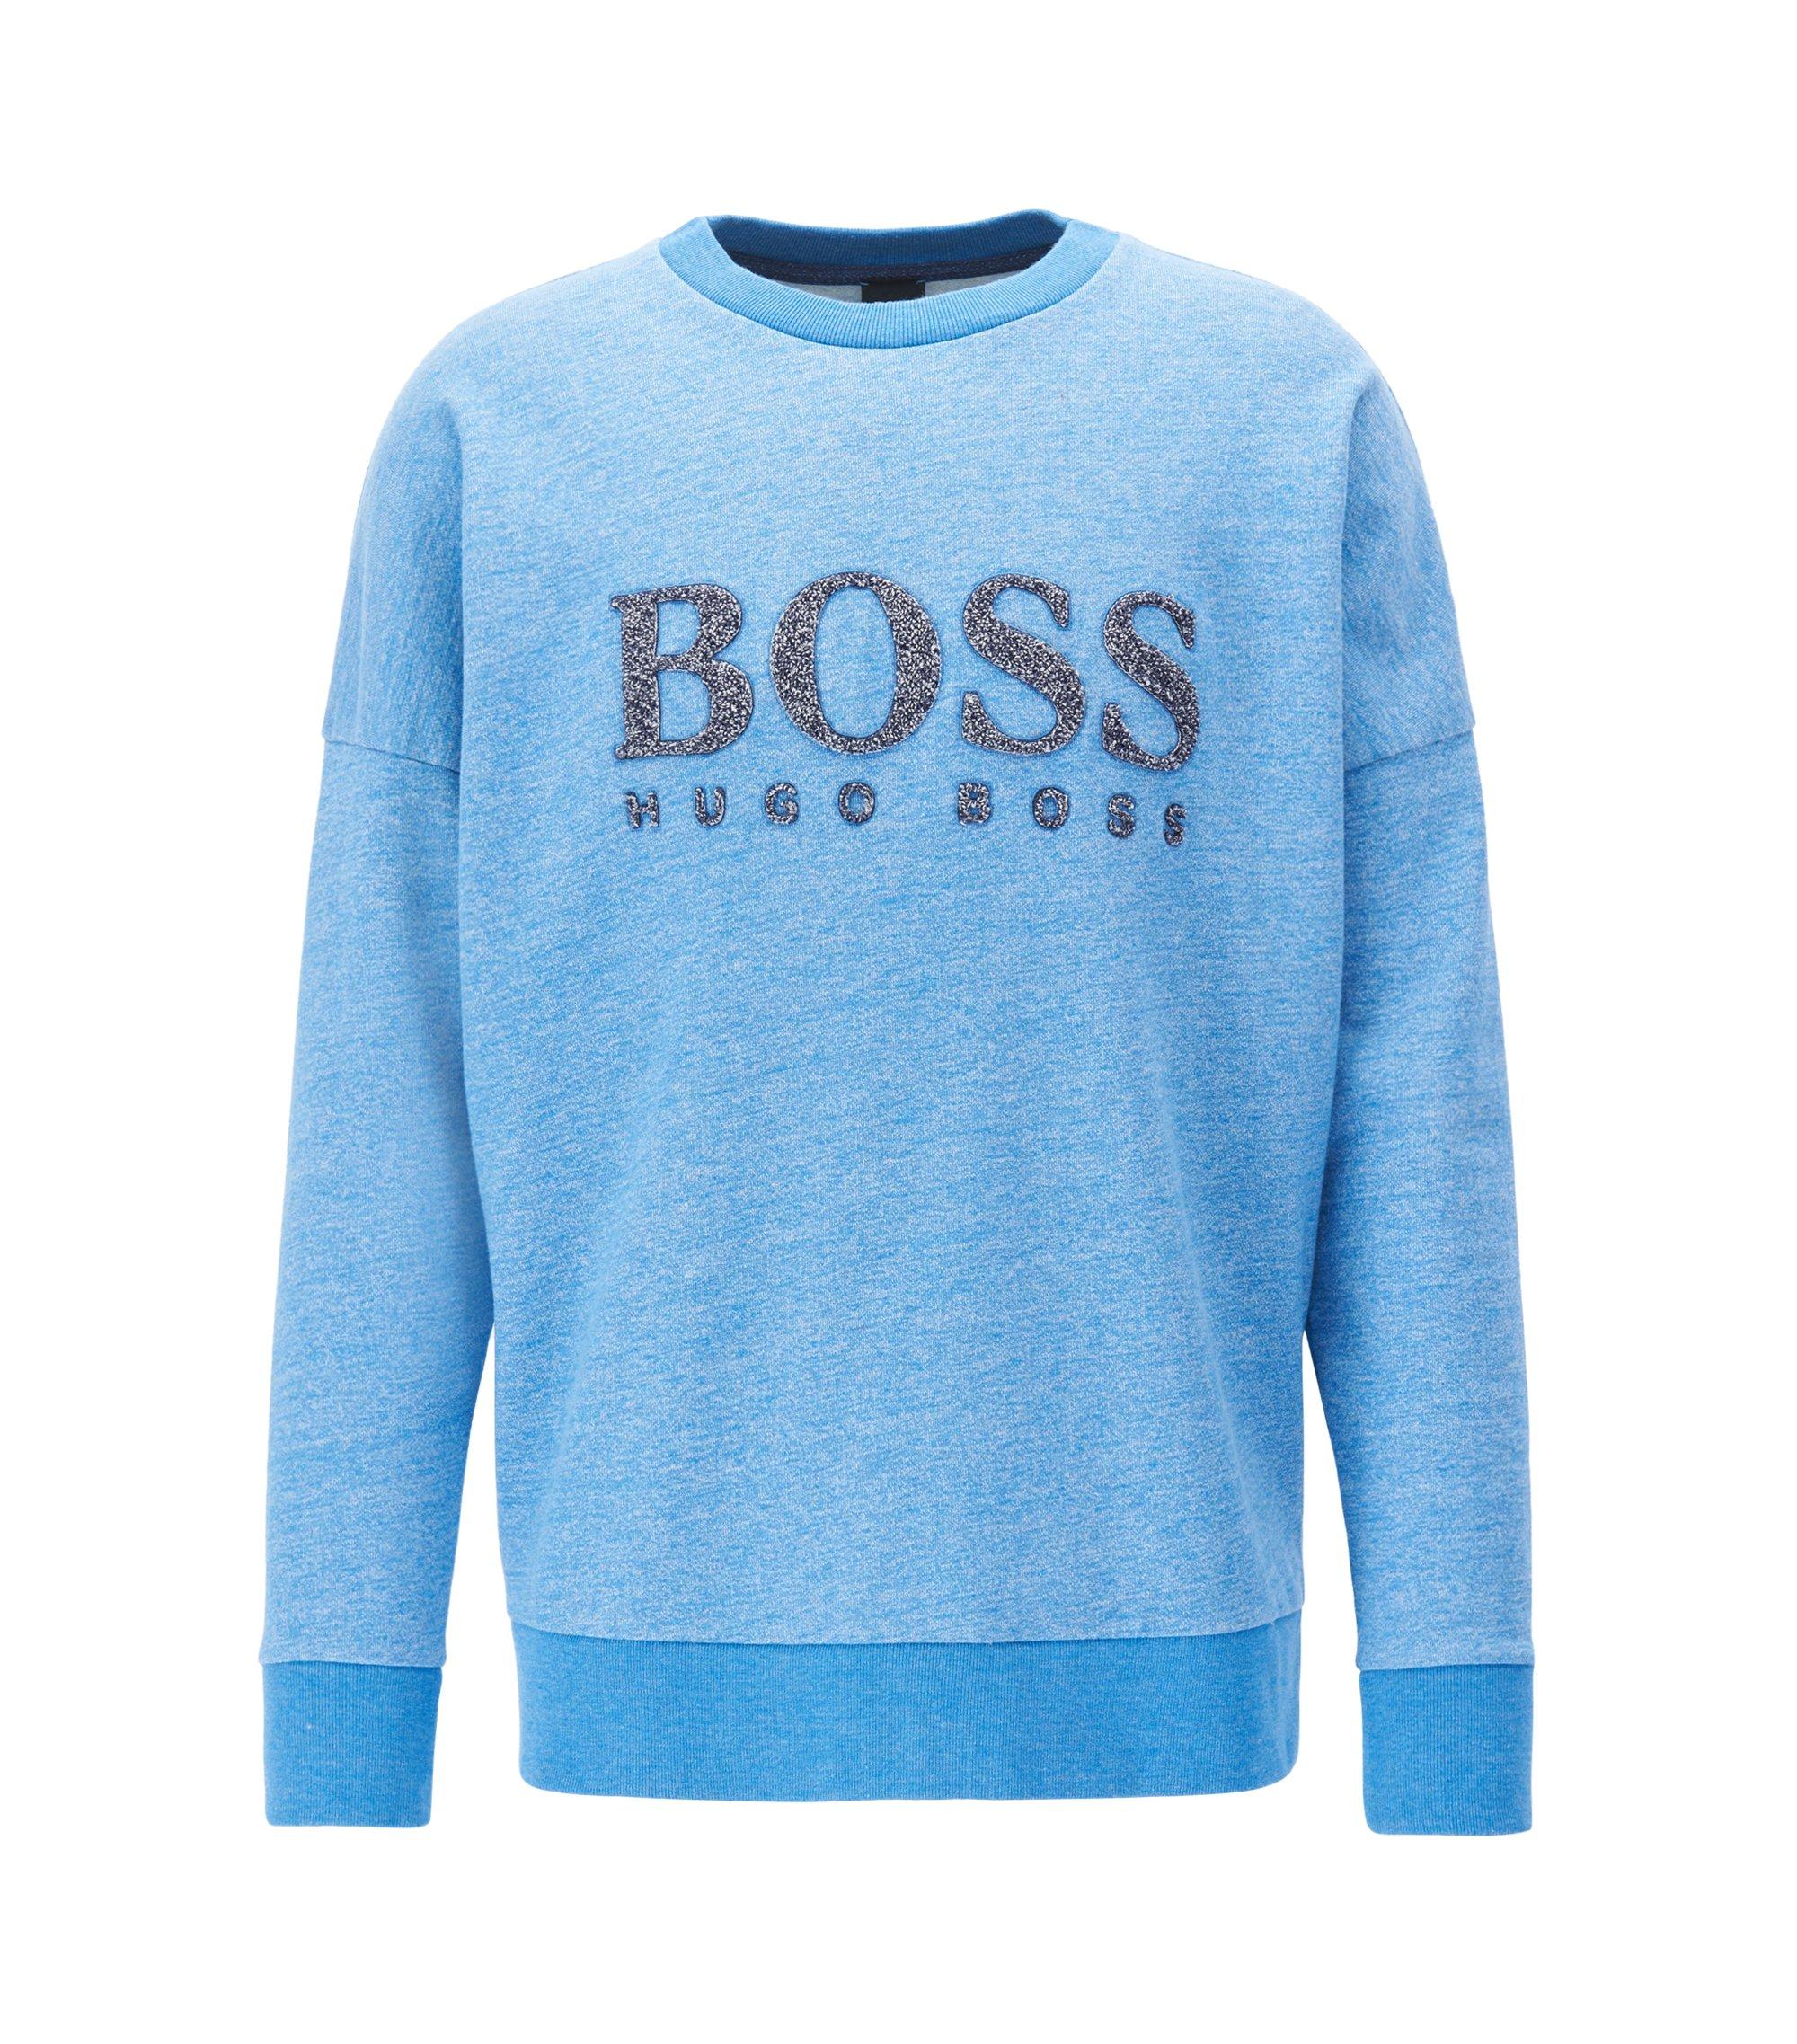 Sweat en coton molletonné French Terry avec logo, Bleu vif